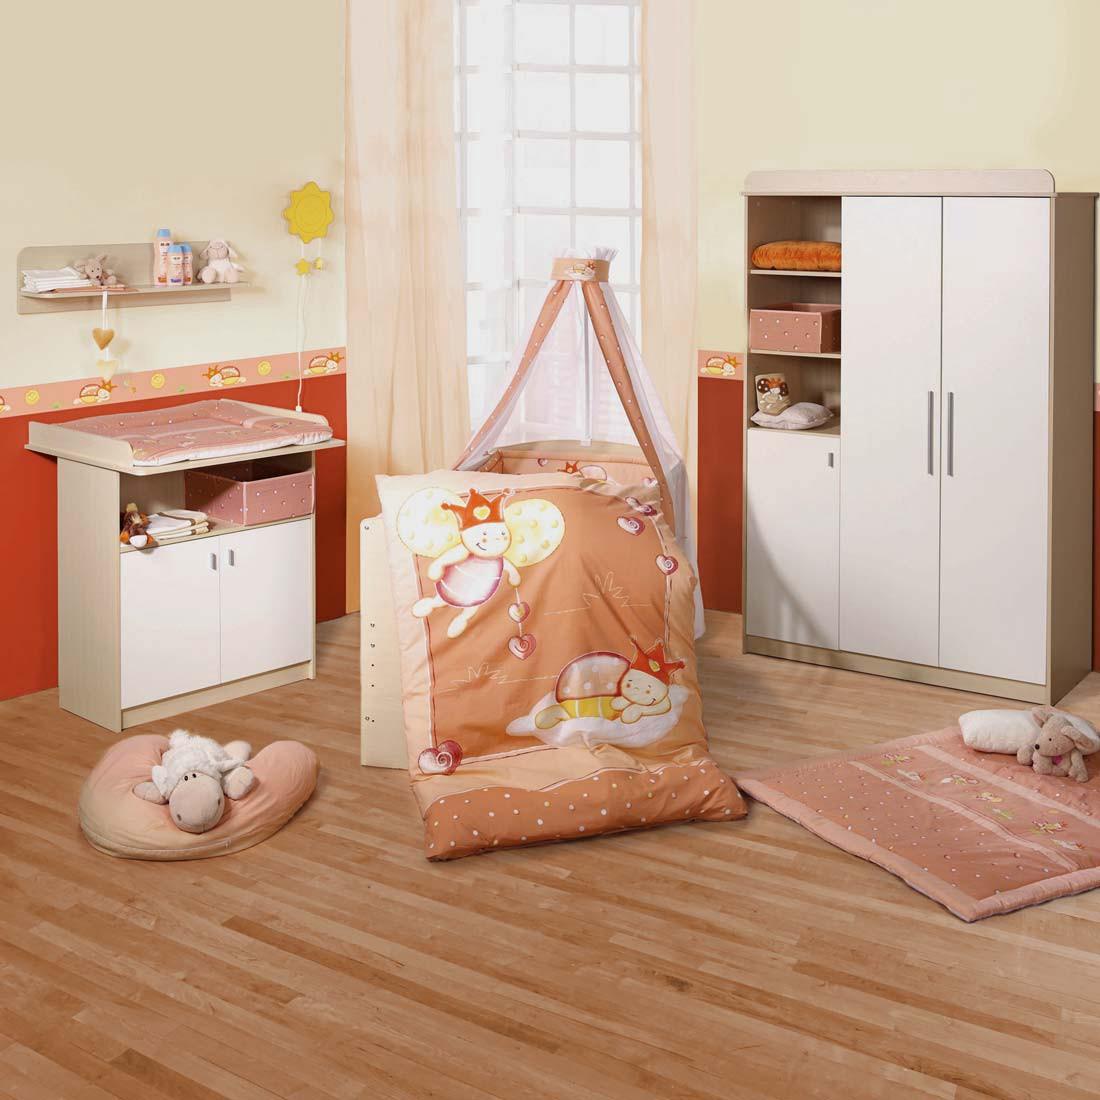 roba wickeltisch preisvergleich die besten angebote online kaufen. Black Bedroom Furniture Sets. Home Design Ideas